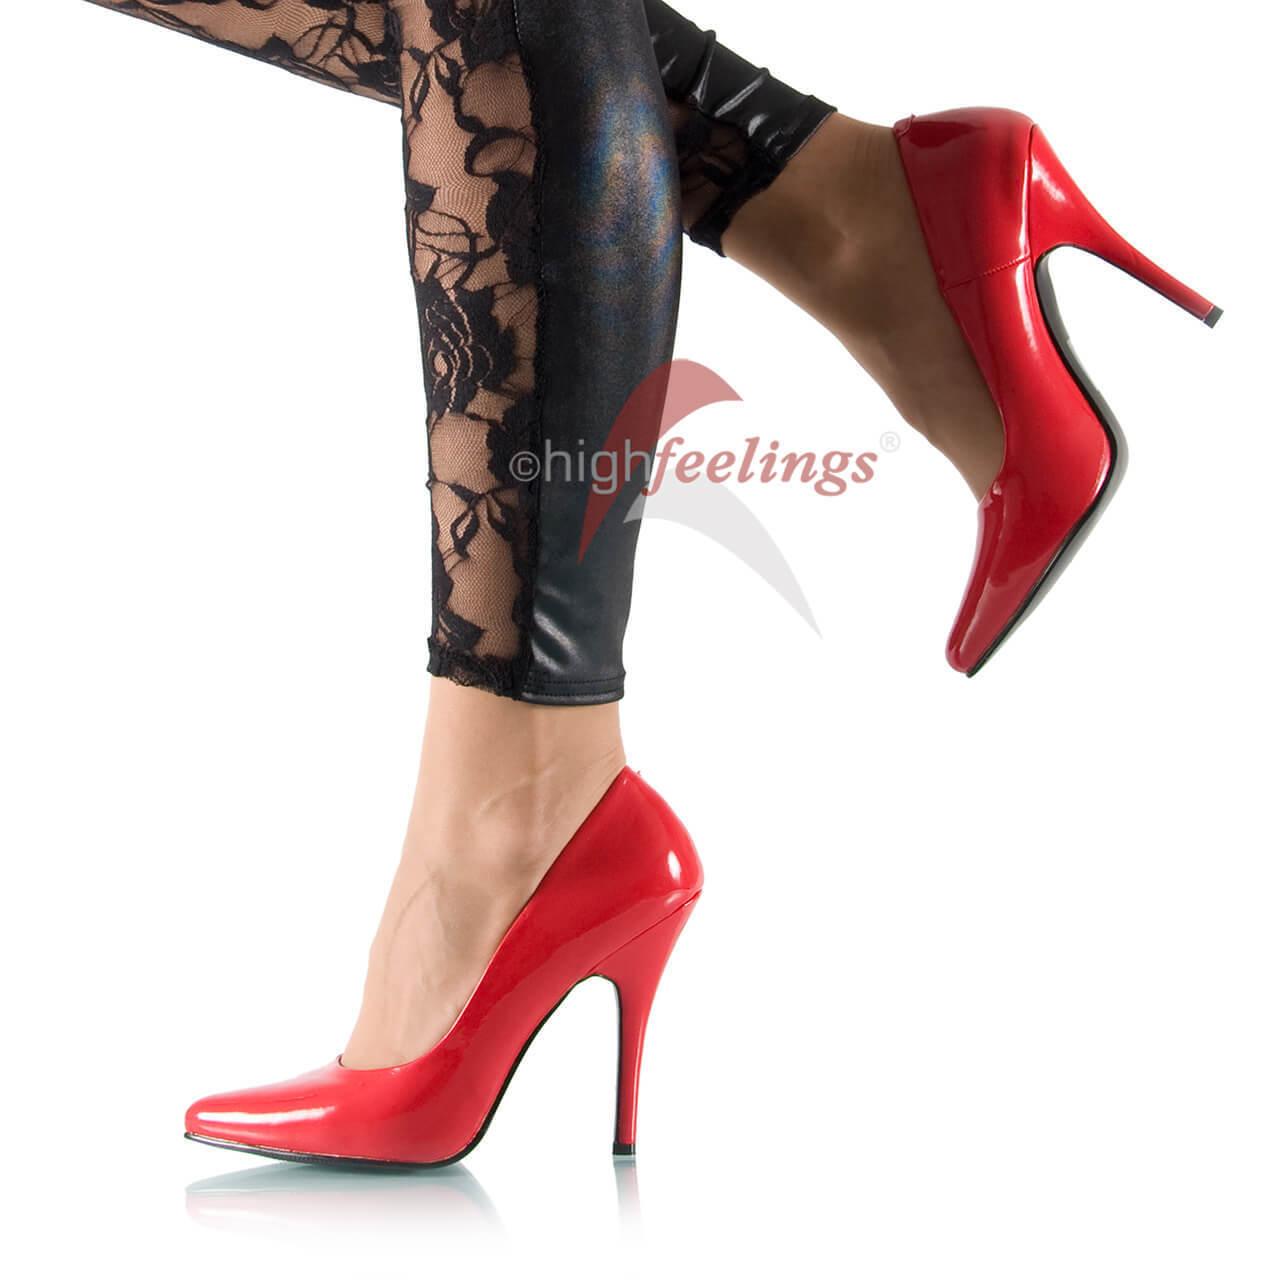 High Heels Pumps Rot Lack 11 - 13 cm Absatz Gr. 36 - 47